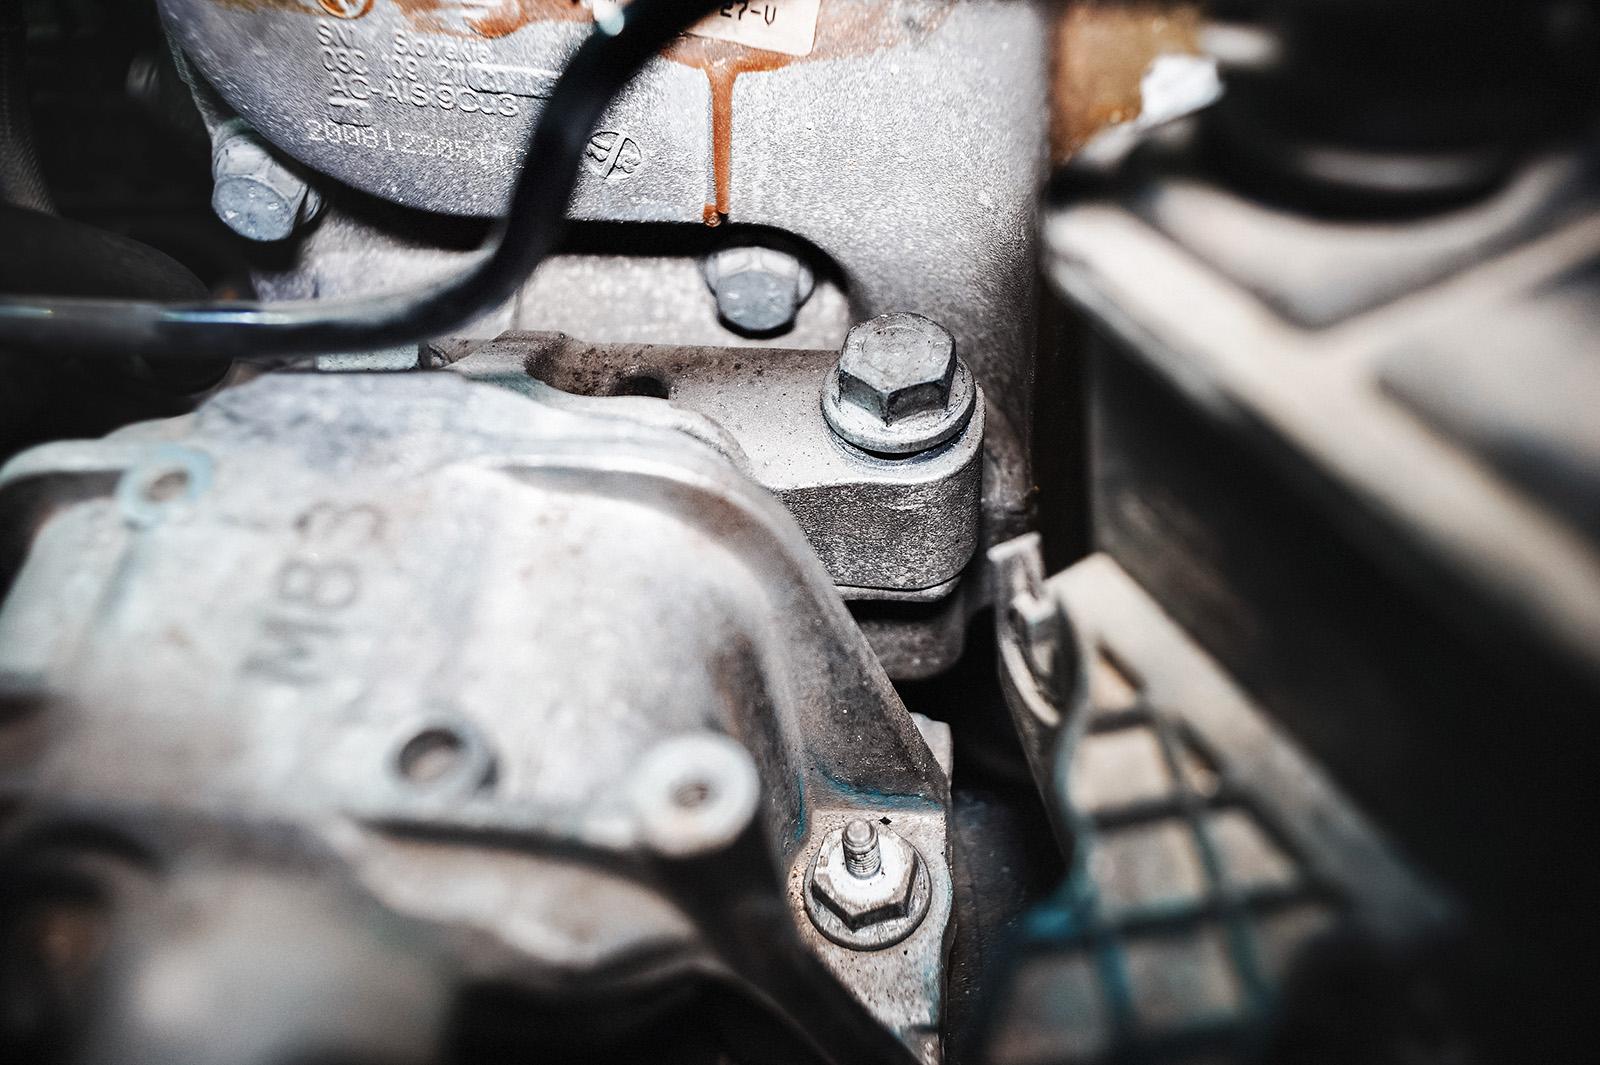 Для того, чтоб вибрации двигателя Фольксваген Гольф были с нами нужно криво прикрутить двигатель к опоре